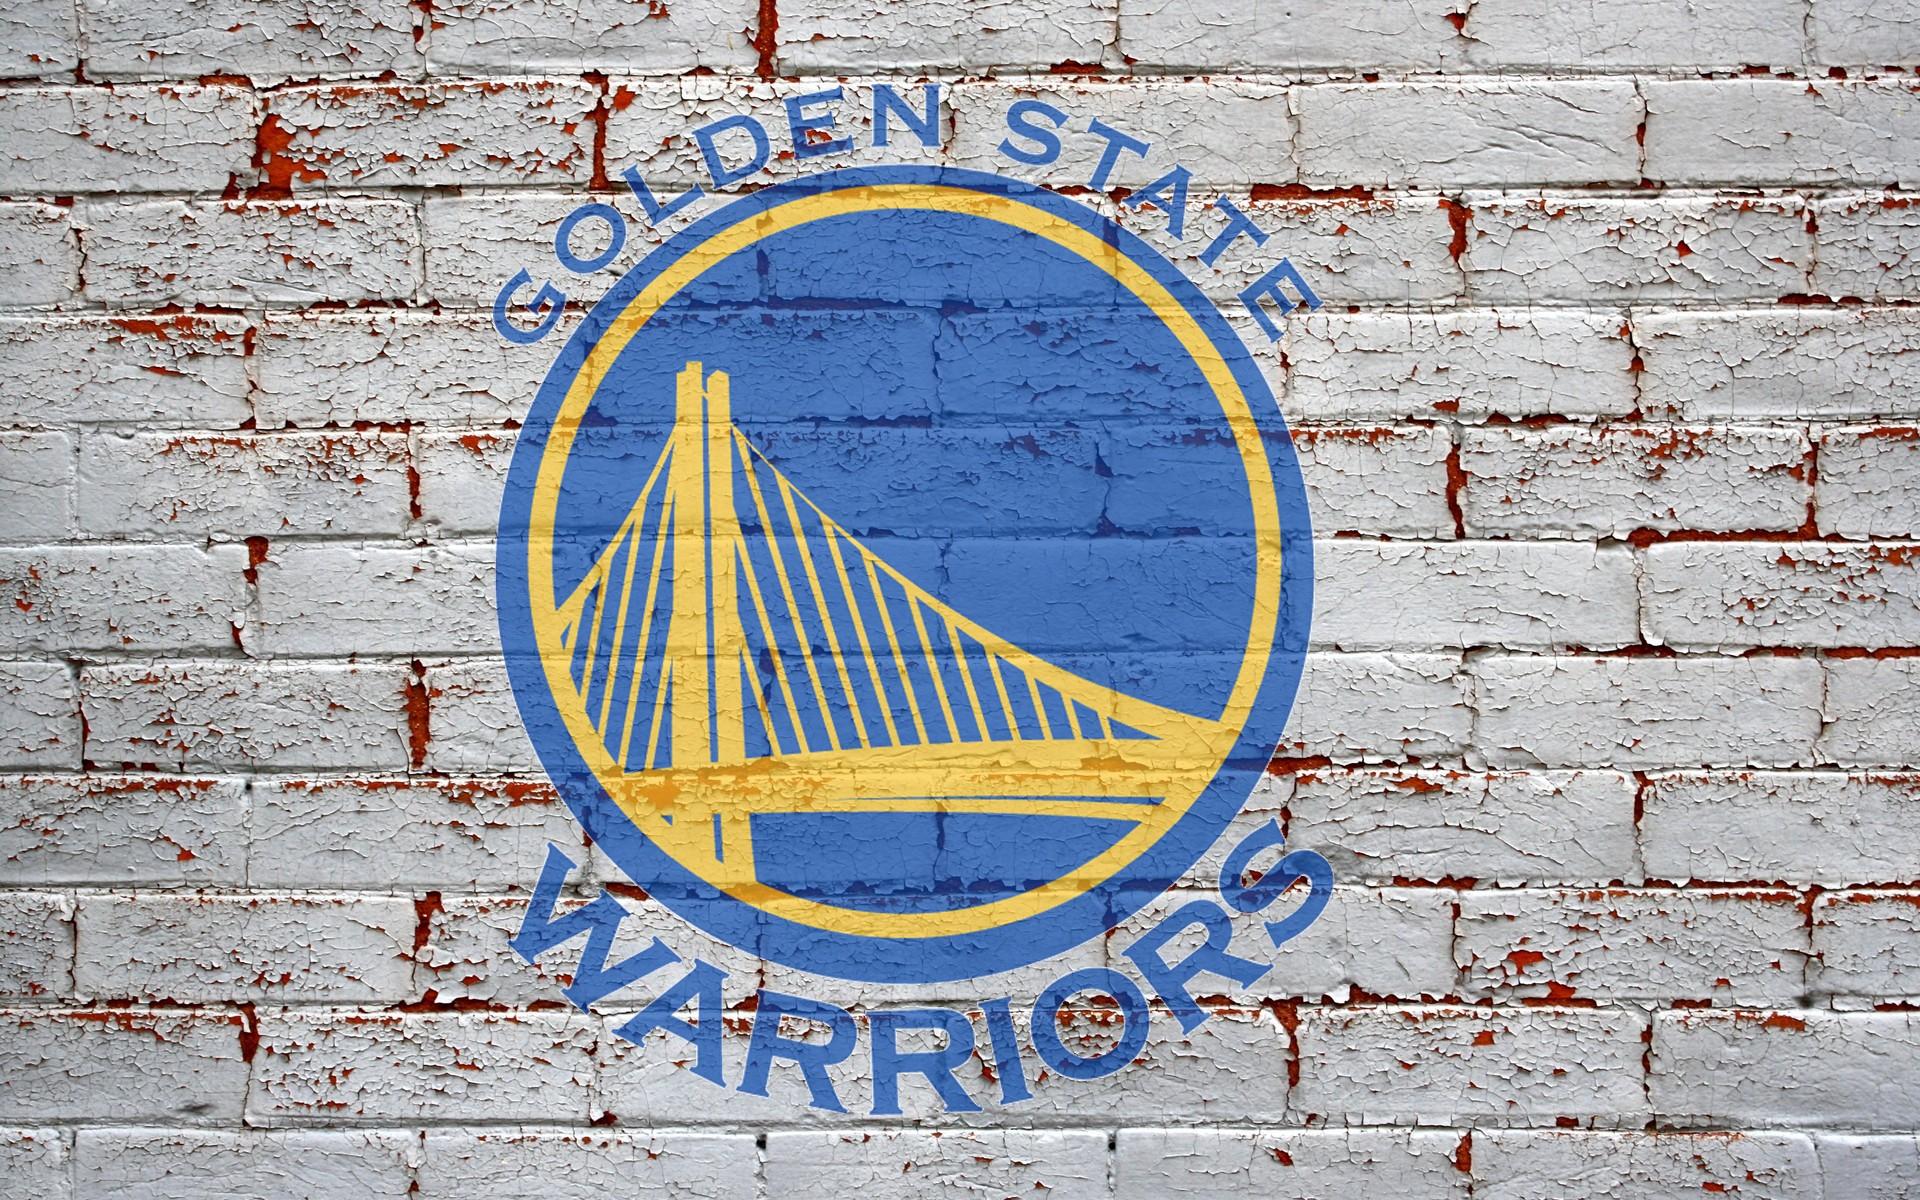 Golden State Warriors Wallpapers | PixelsTalk Net